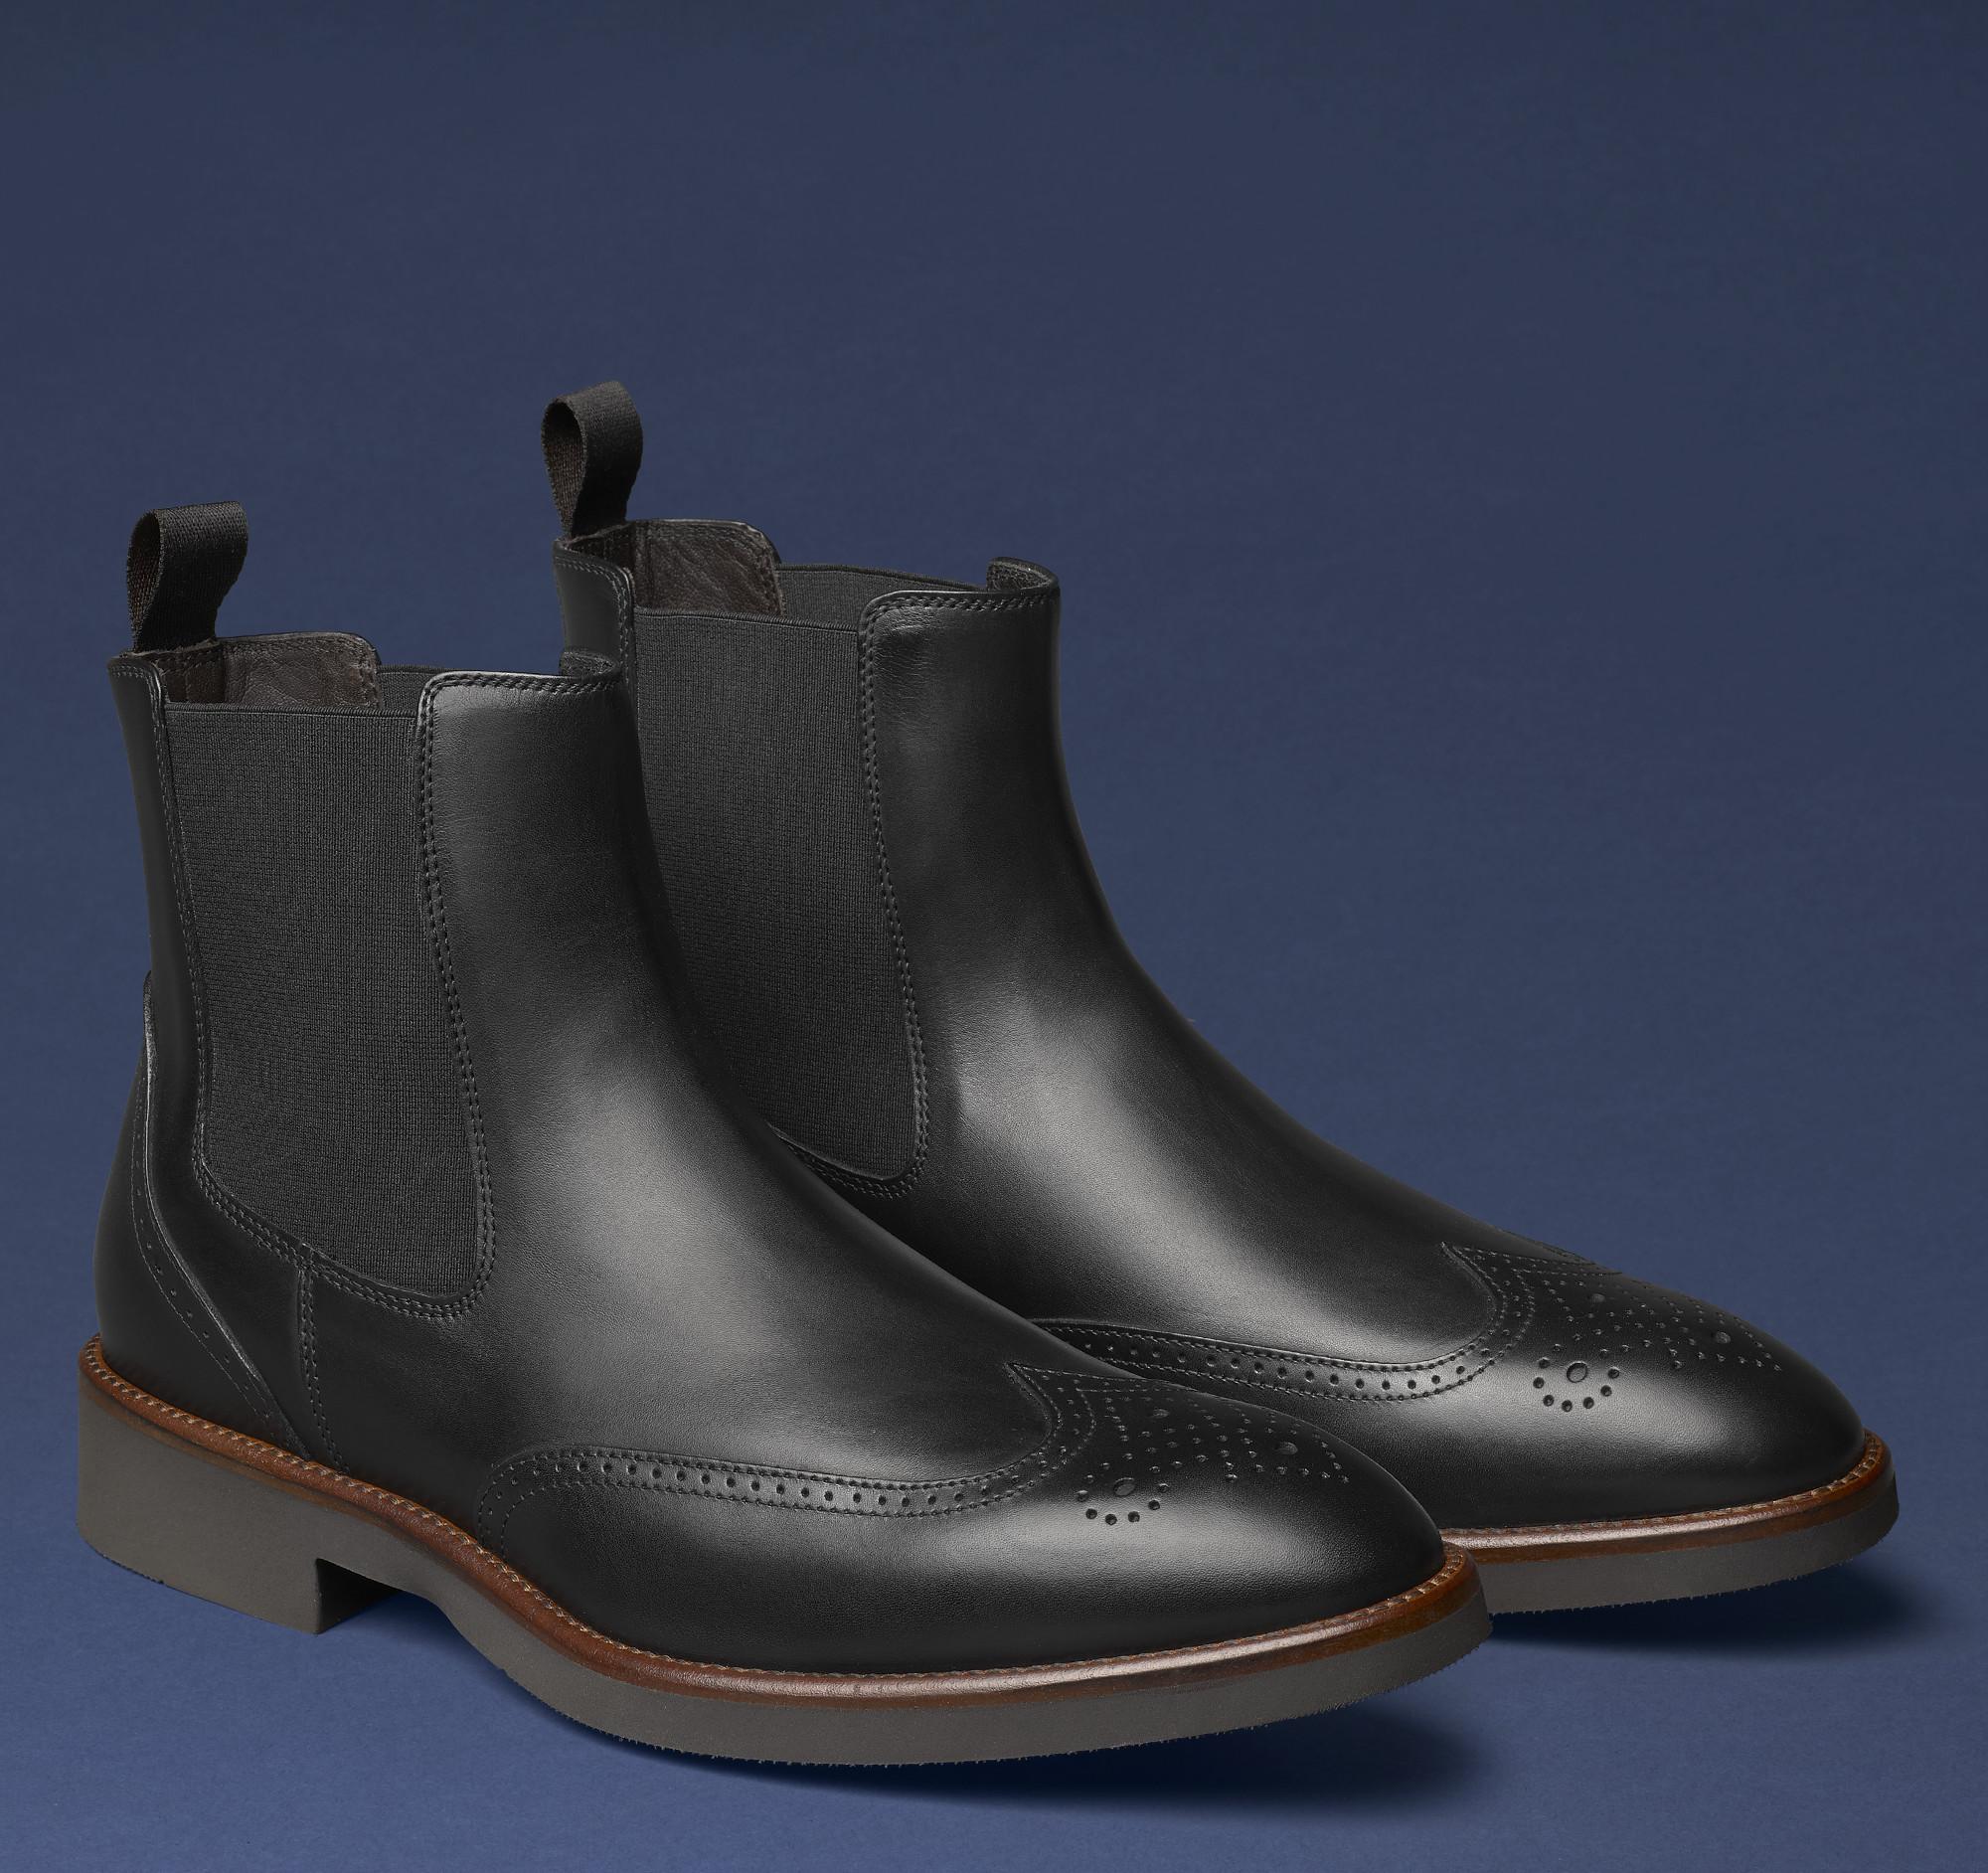 Johnston & Murphy Ridgeland Chelsea Boot